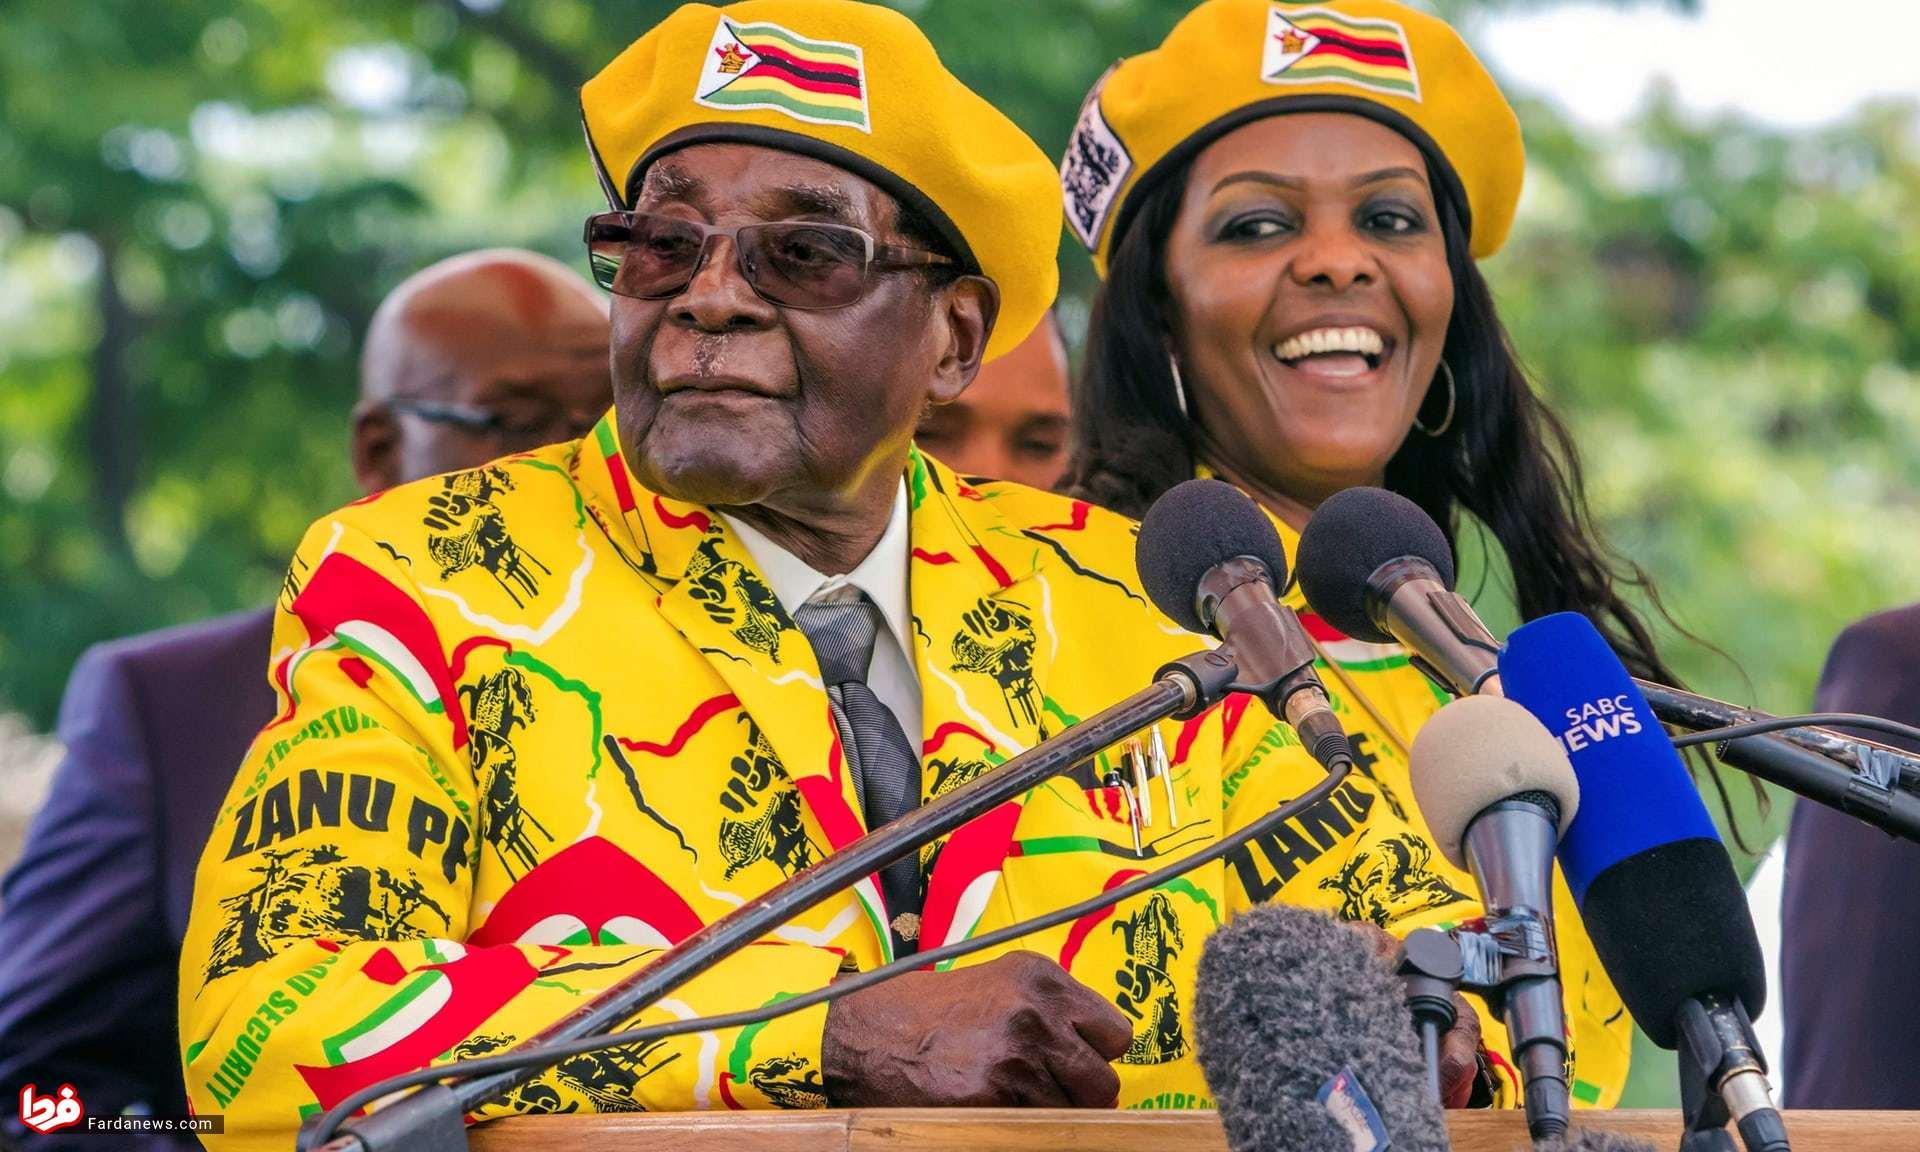 پایتخت در تصرف تانکها؛ کودتای نظامی علیه موگابه؟ + عکس